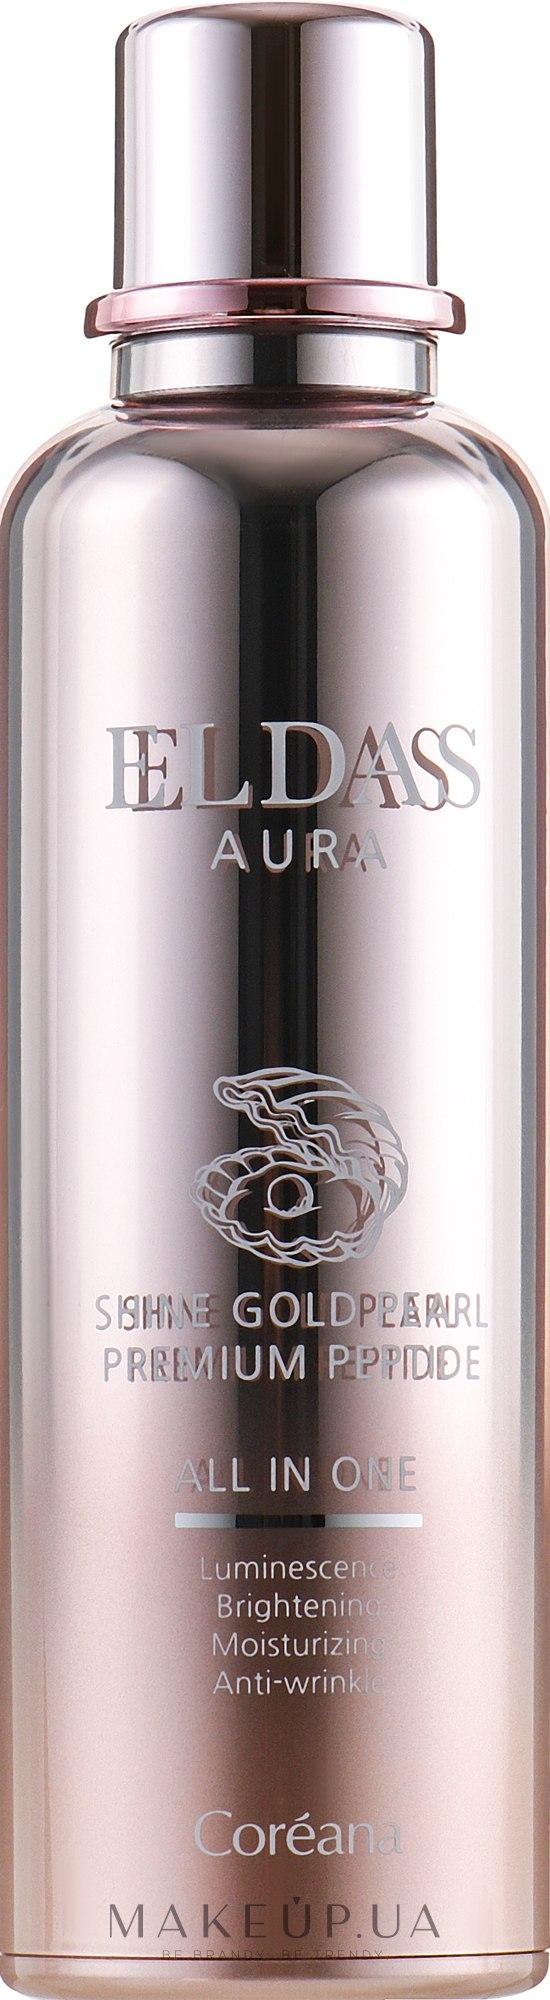 Премиум сыворотка - Coreana Eldas Aura Shine Gold Pearl Premium Peptid — фото 100ml